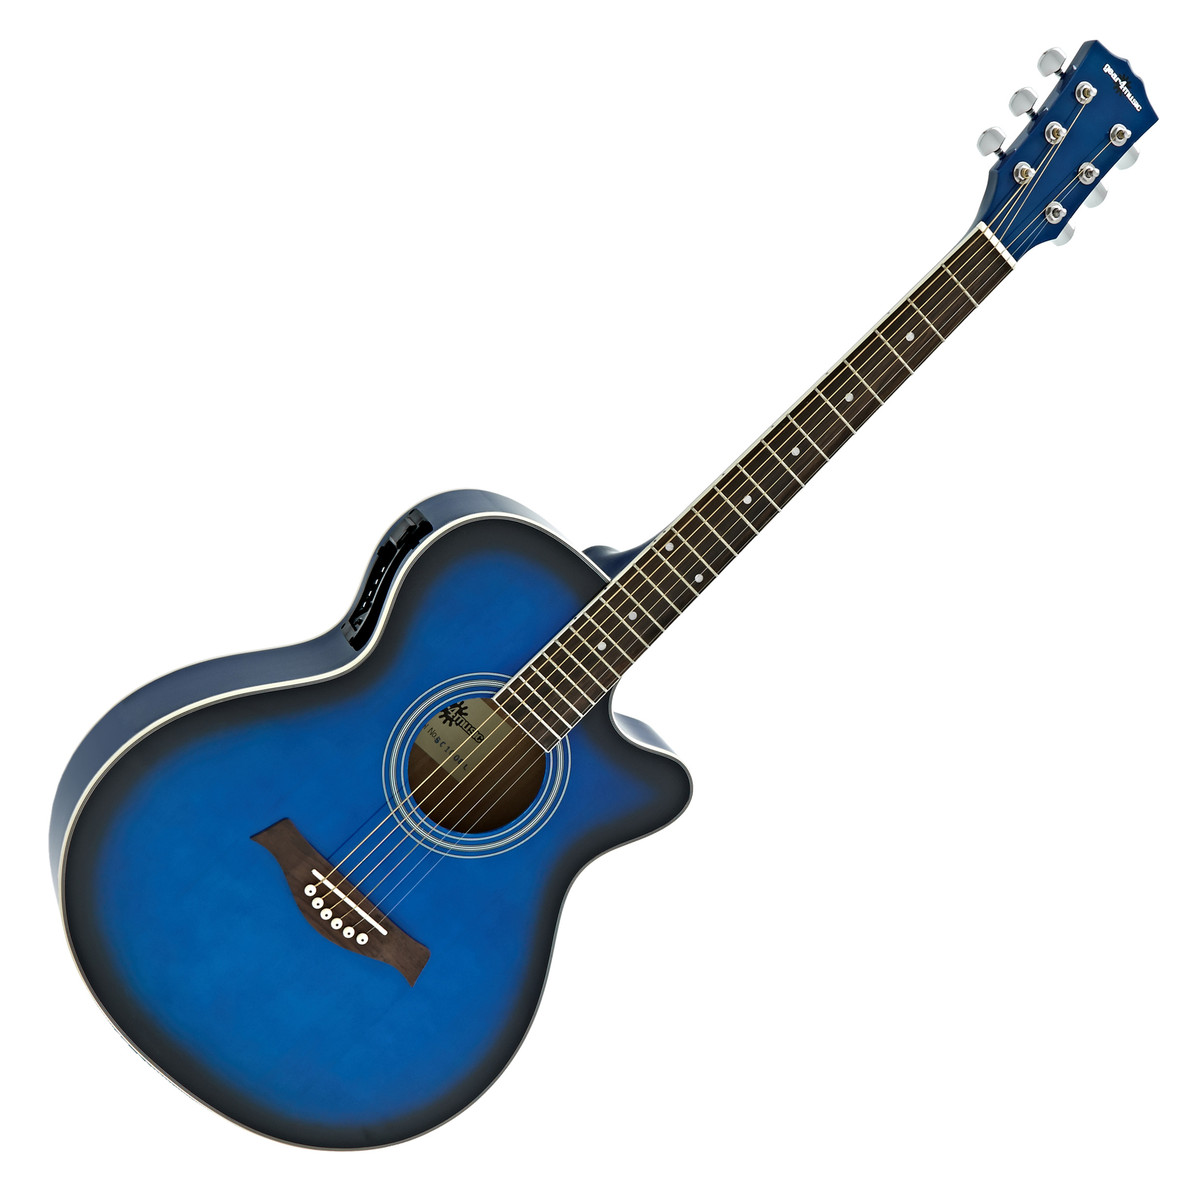 Verbazingwekkend Single Cutaway Elektro-Akoestische Gitaar van Gear4music, Blauw NN-43